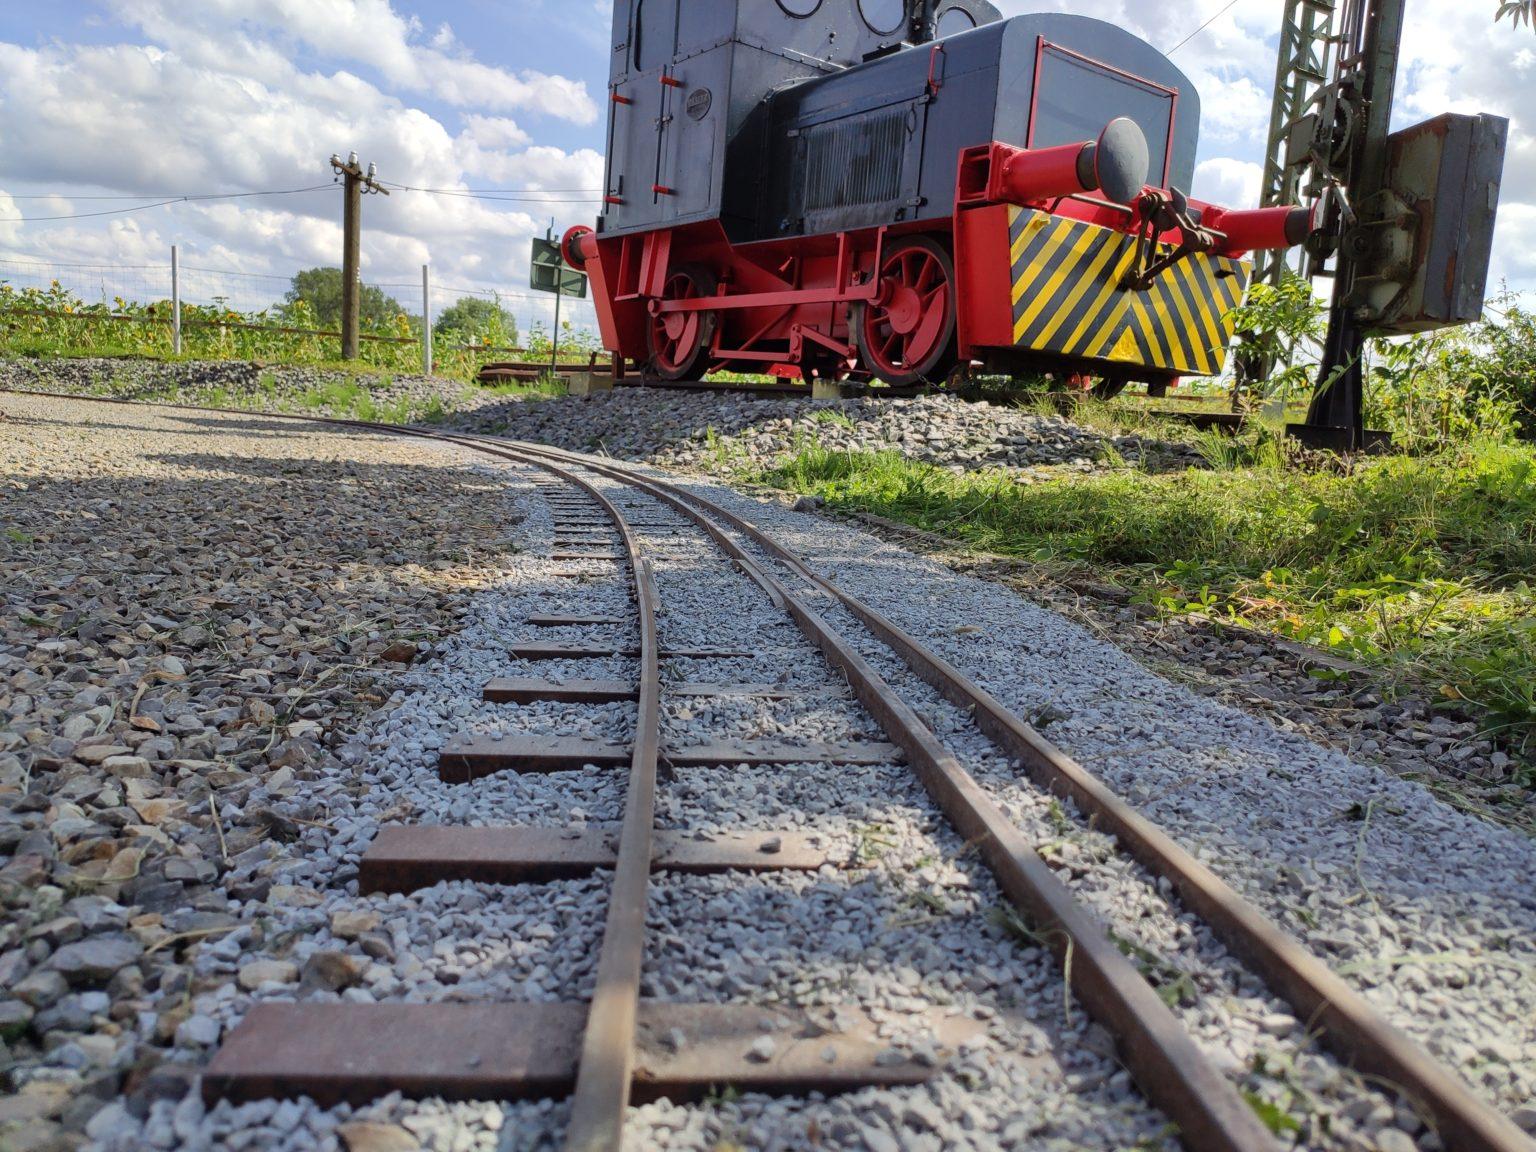 fertig verlegte Schienen im Gleisbett